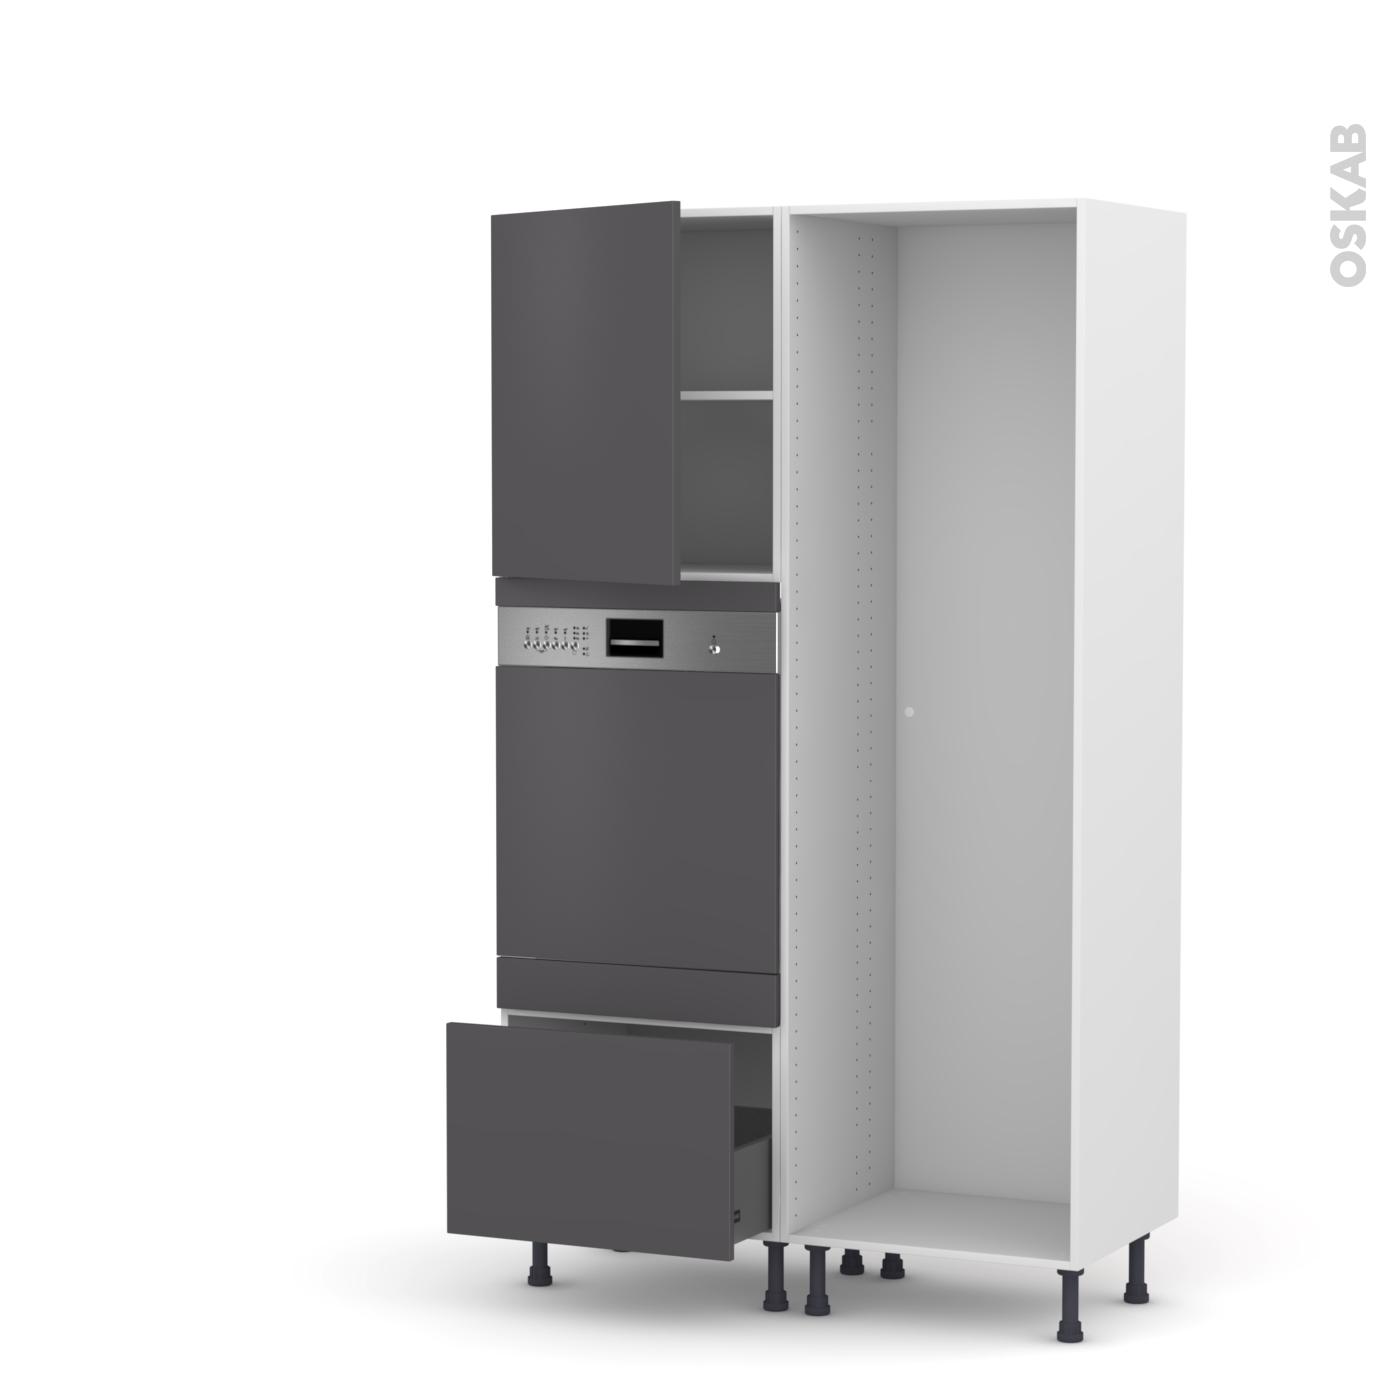 Colonne De Cuisine Lave Vaisselle Intégrable Ginko Gris L60 X H195 X P58 Cm Oskab